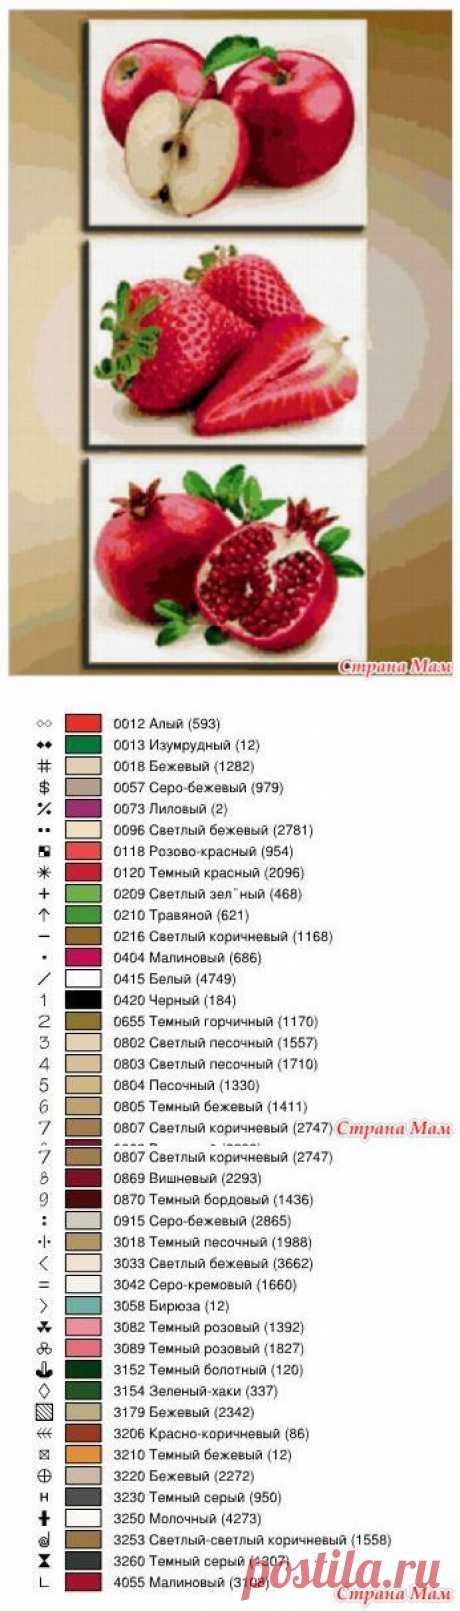 *Фрукты, ягоды для кухни - Вышивка и все о ней - Страна Мам